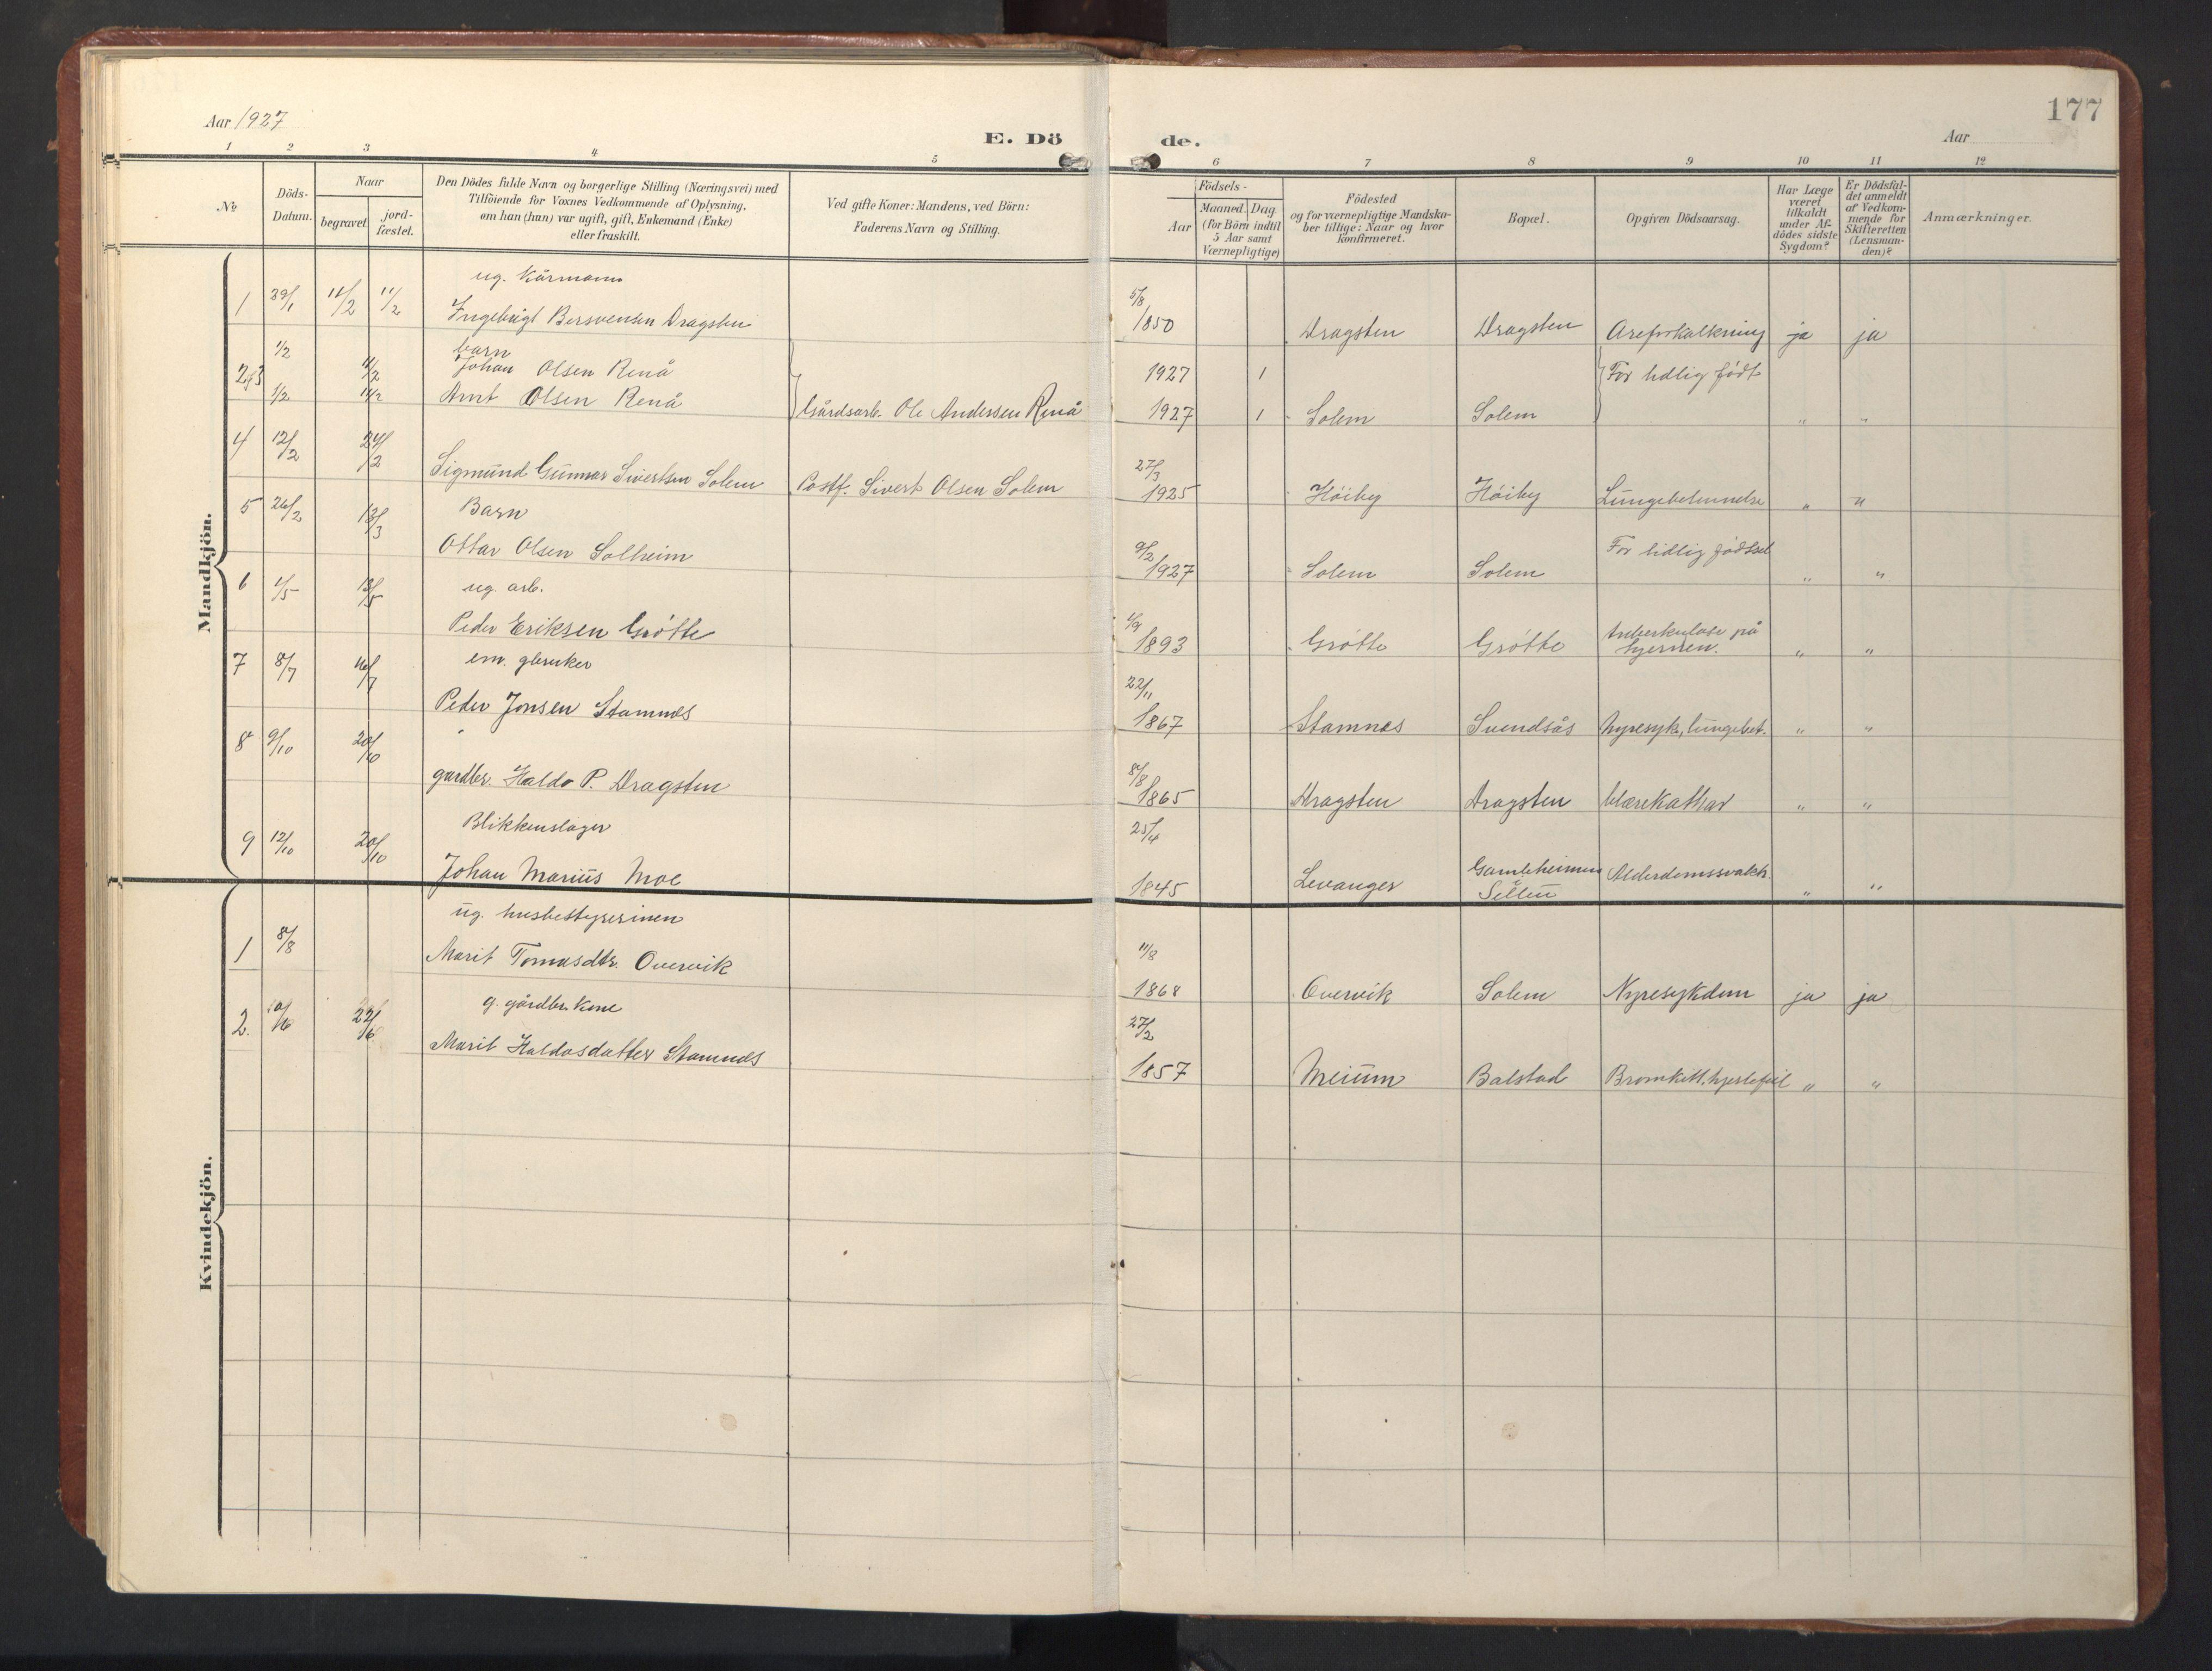 SAT, Ministerialprotokoller, klokkerbøker og fødselsregistre - Sør-Trøndelag, 696/L1161: Klokkerbok nr. 696C01, 1902-1950, s. 177